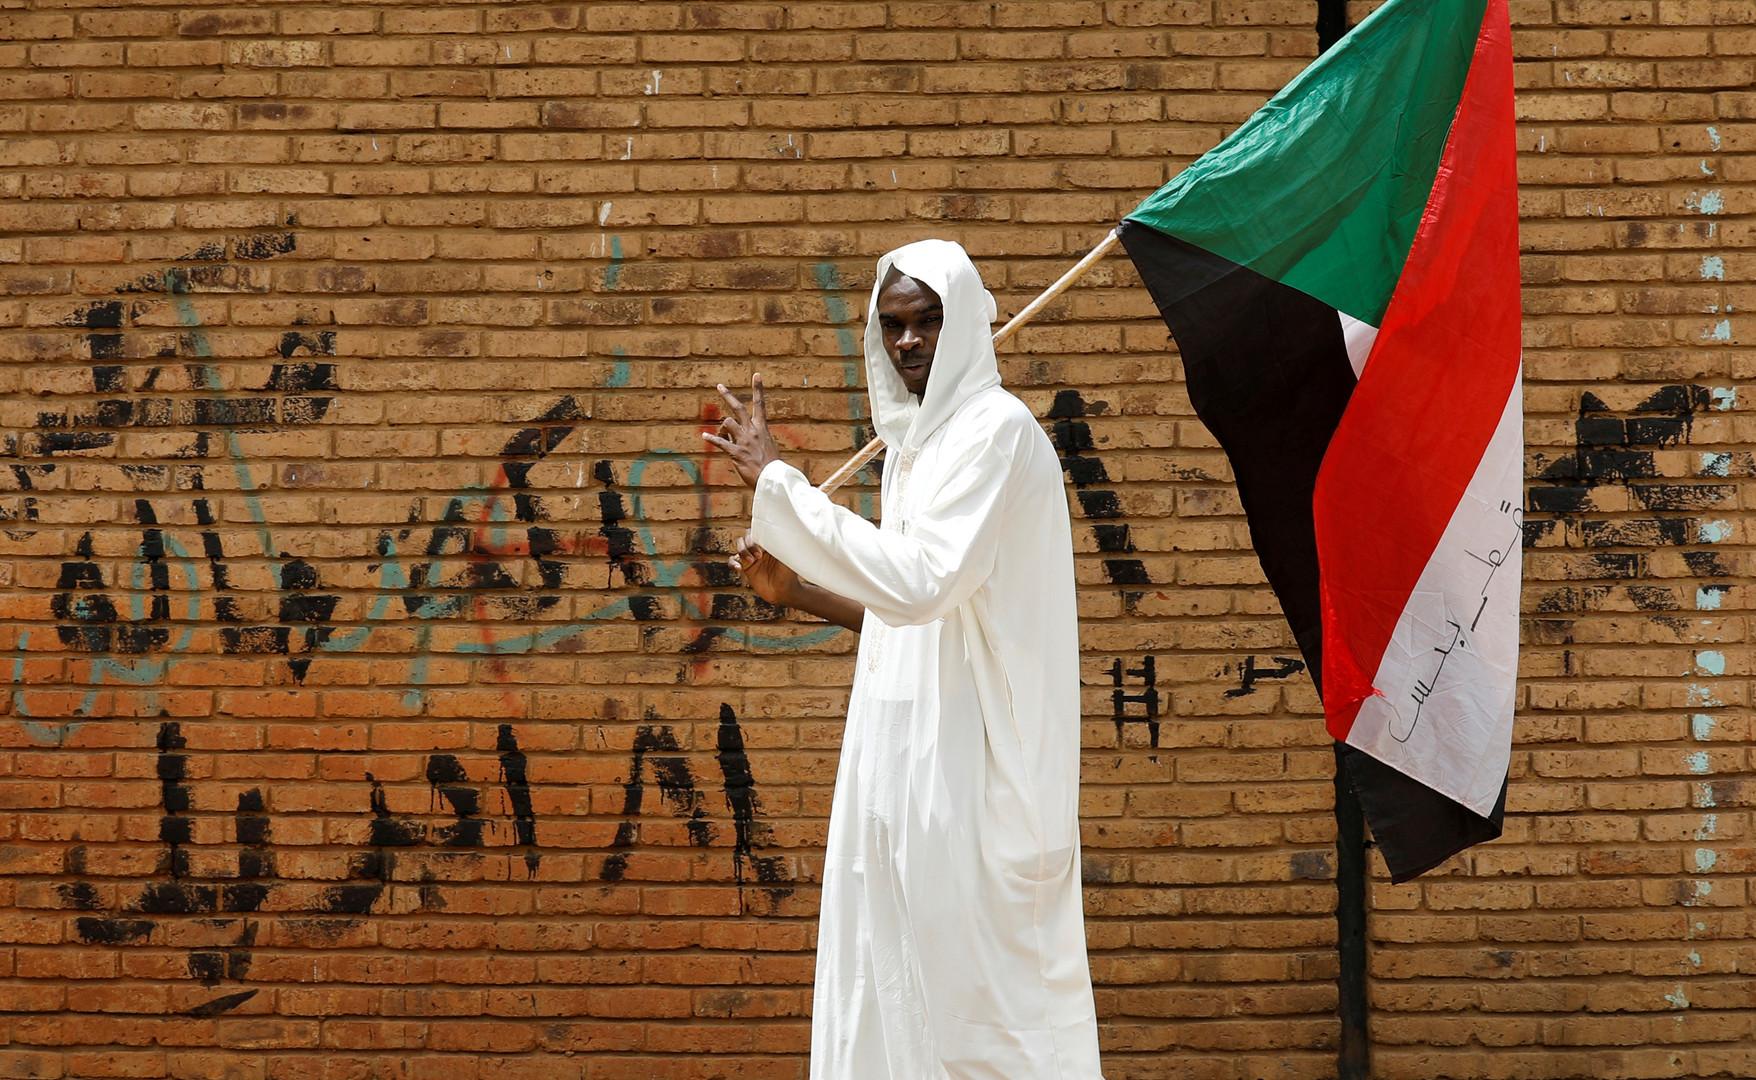 السودان.. قادة المحتجين يستعدون لإعلان